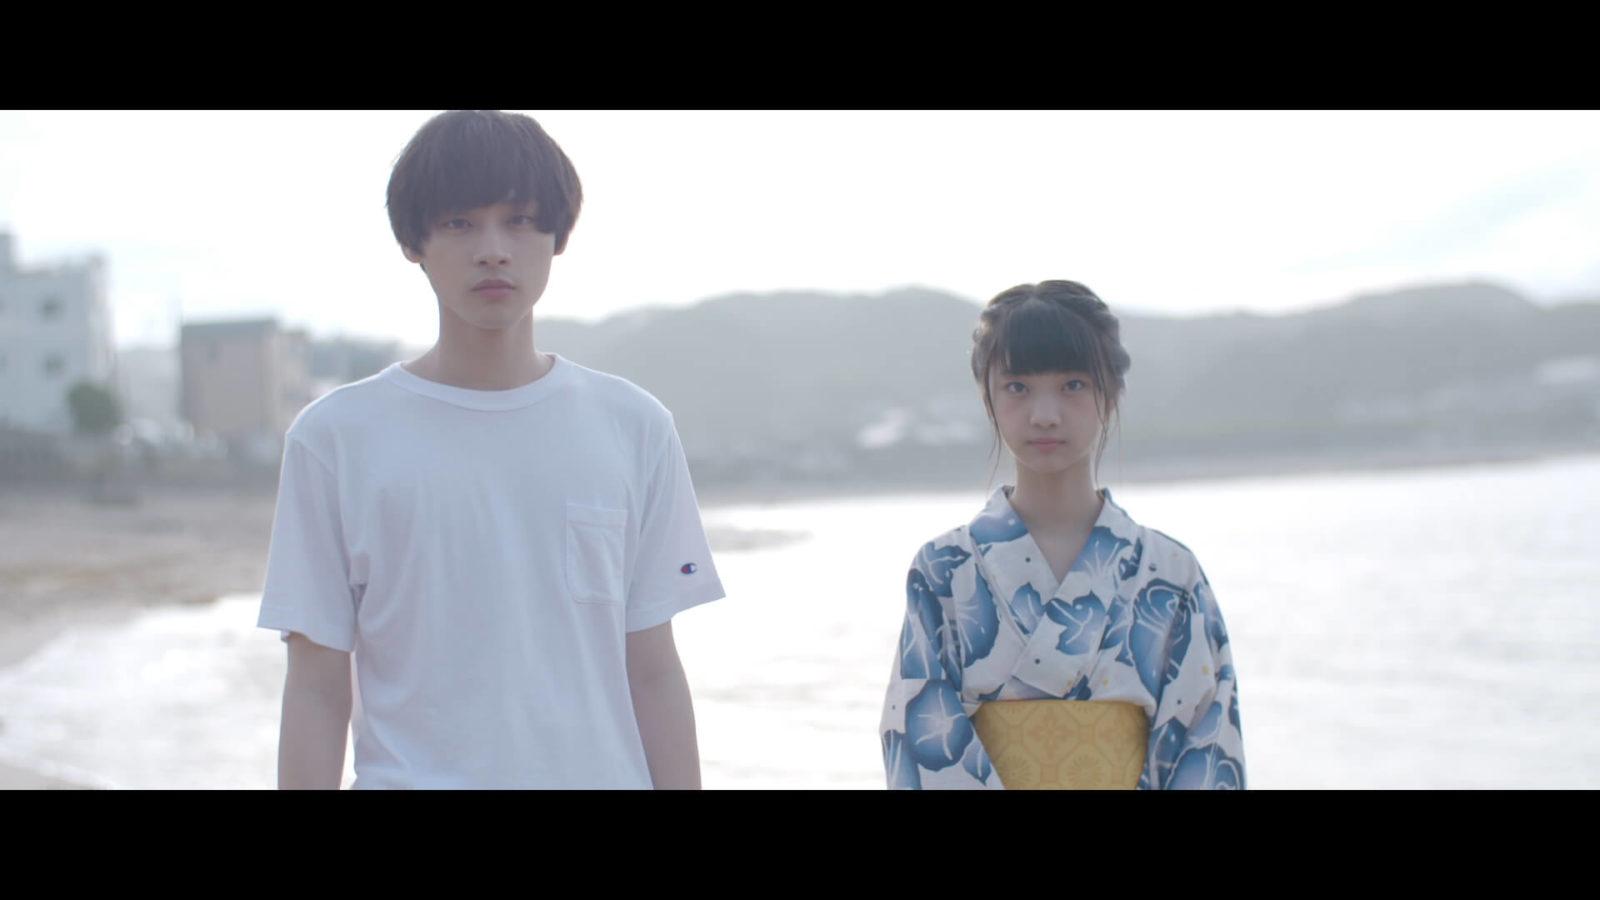 夢みるアドレセンス、ニューシングルで初のドラマ仕立てMV公開サムネイル画像